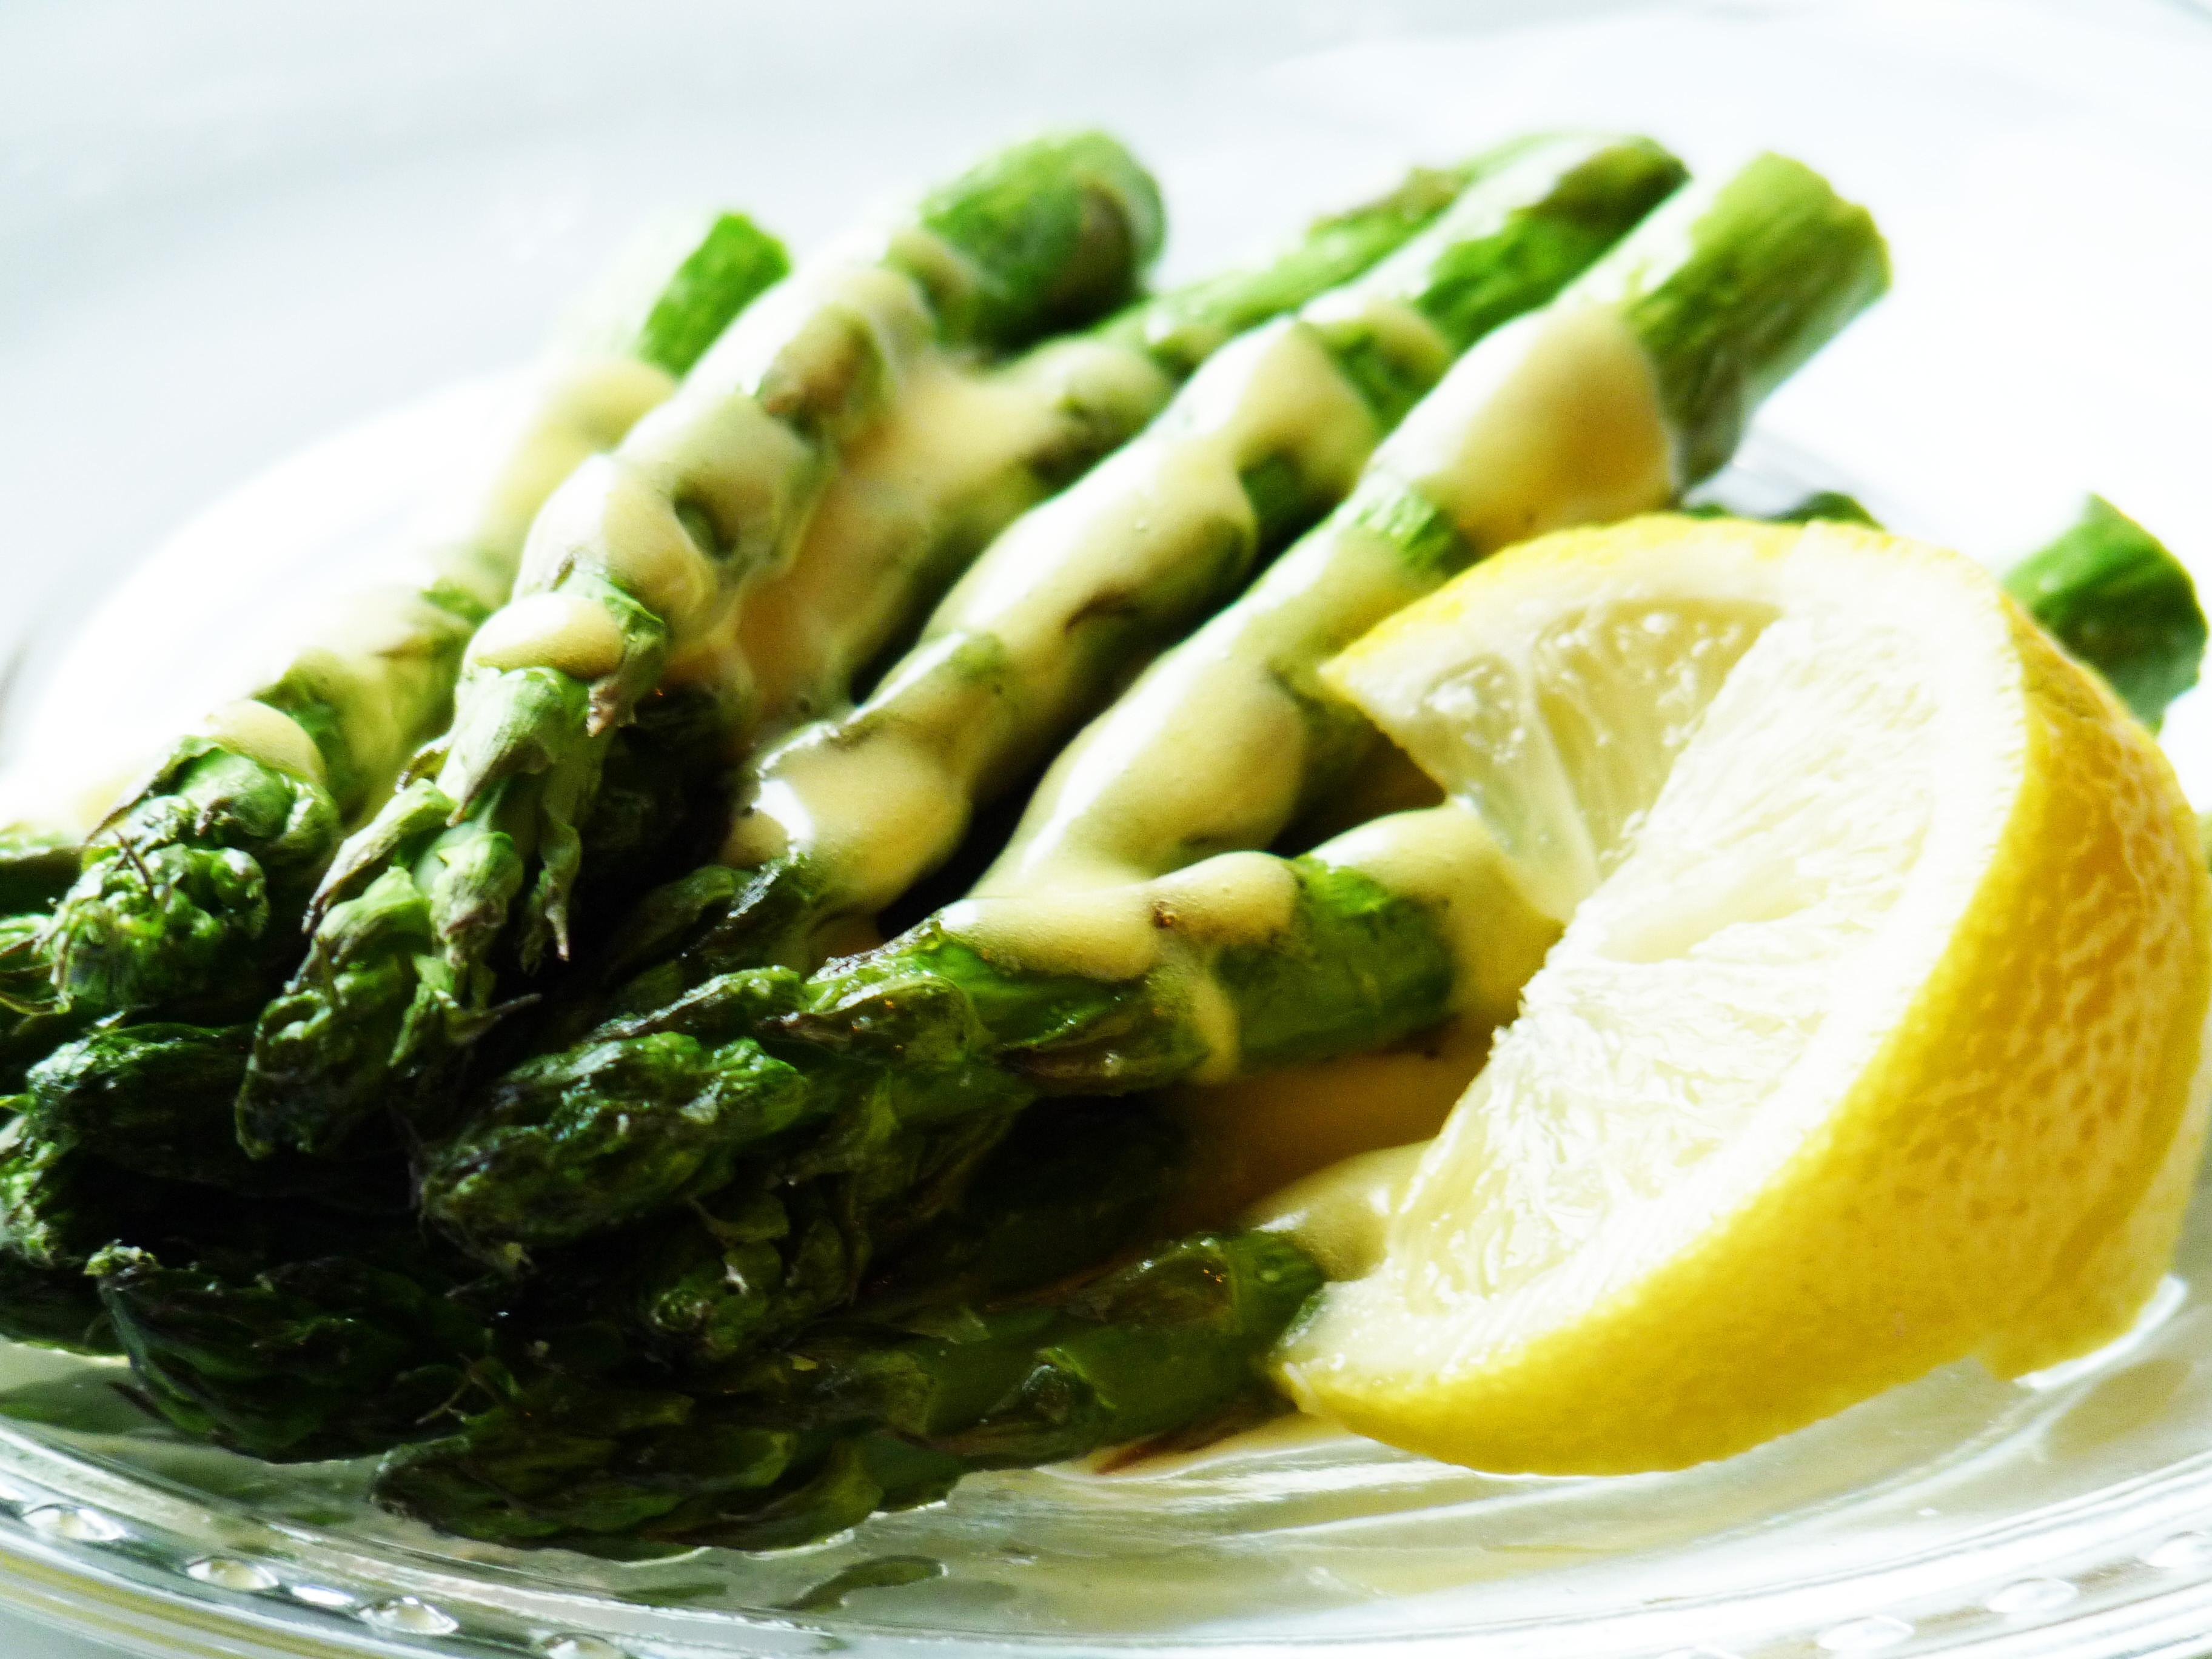 Sauce For Asparagus  Roasted Asparagus with Hollandaise Sauce